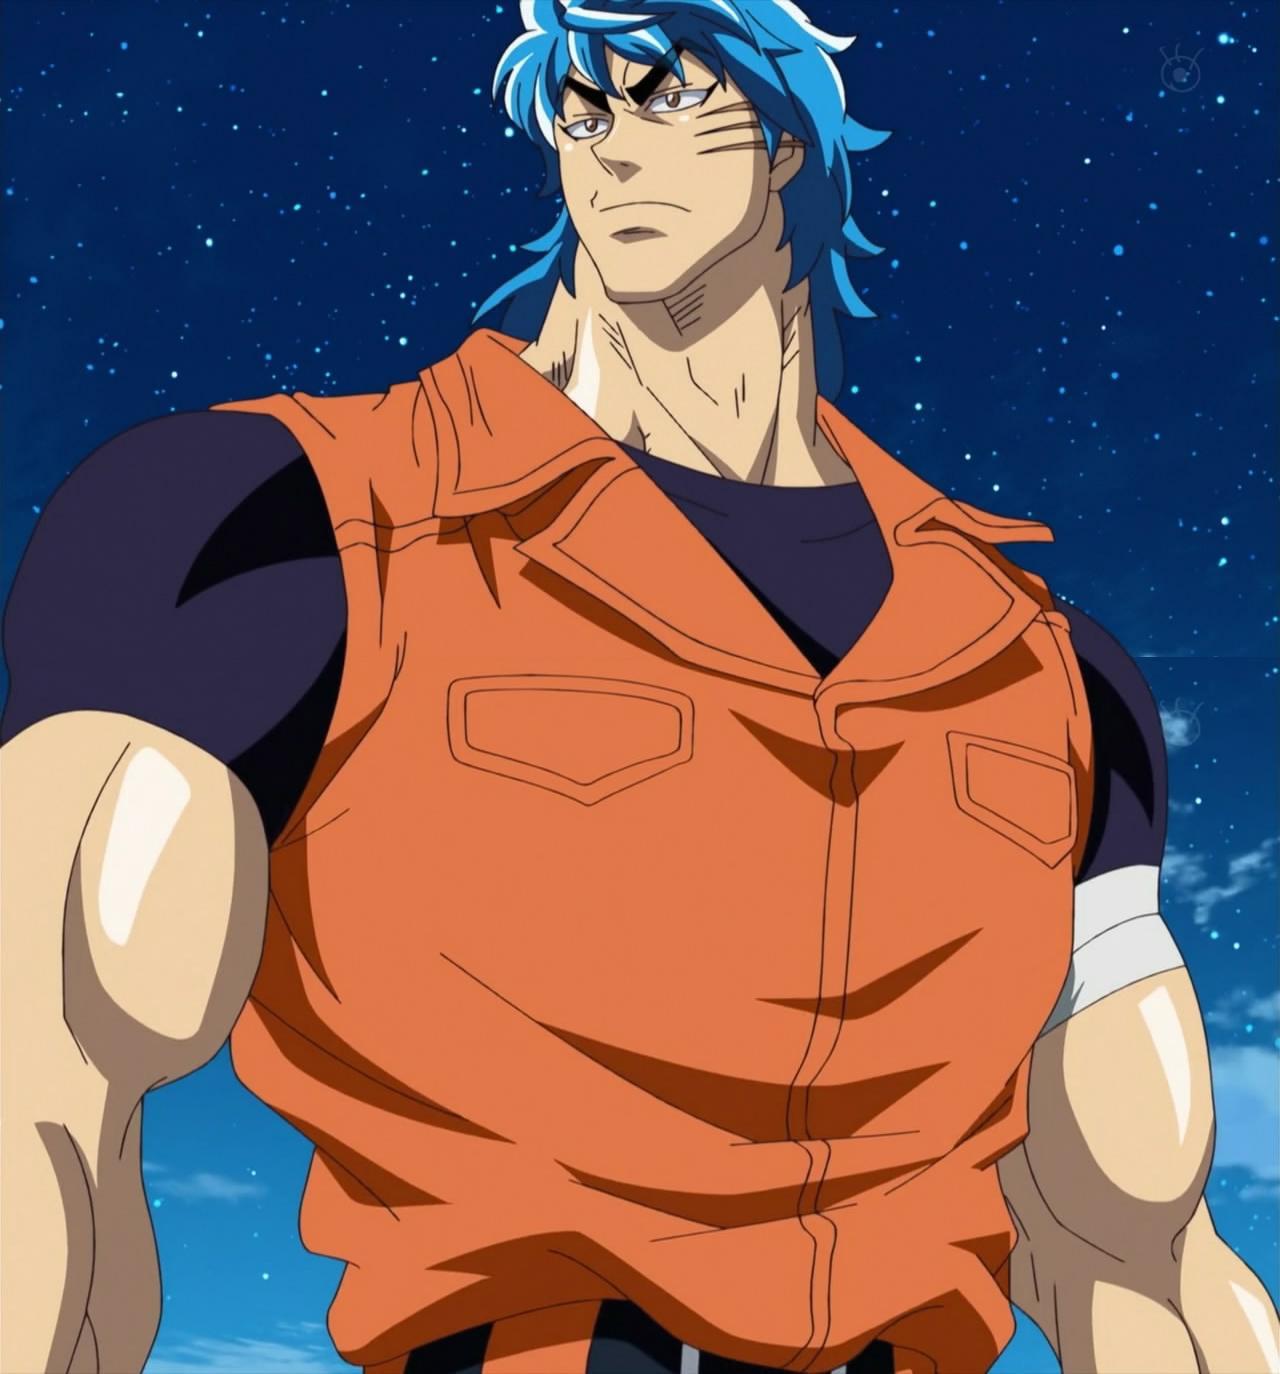 Toriko (Character) Image #577623